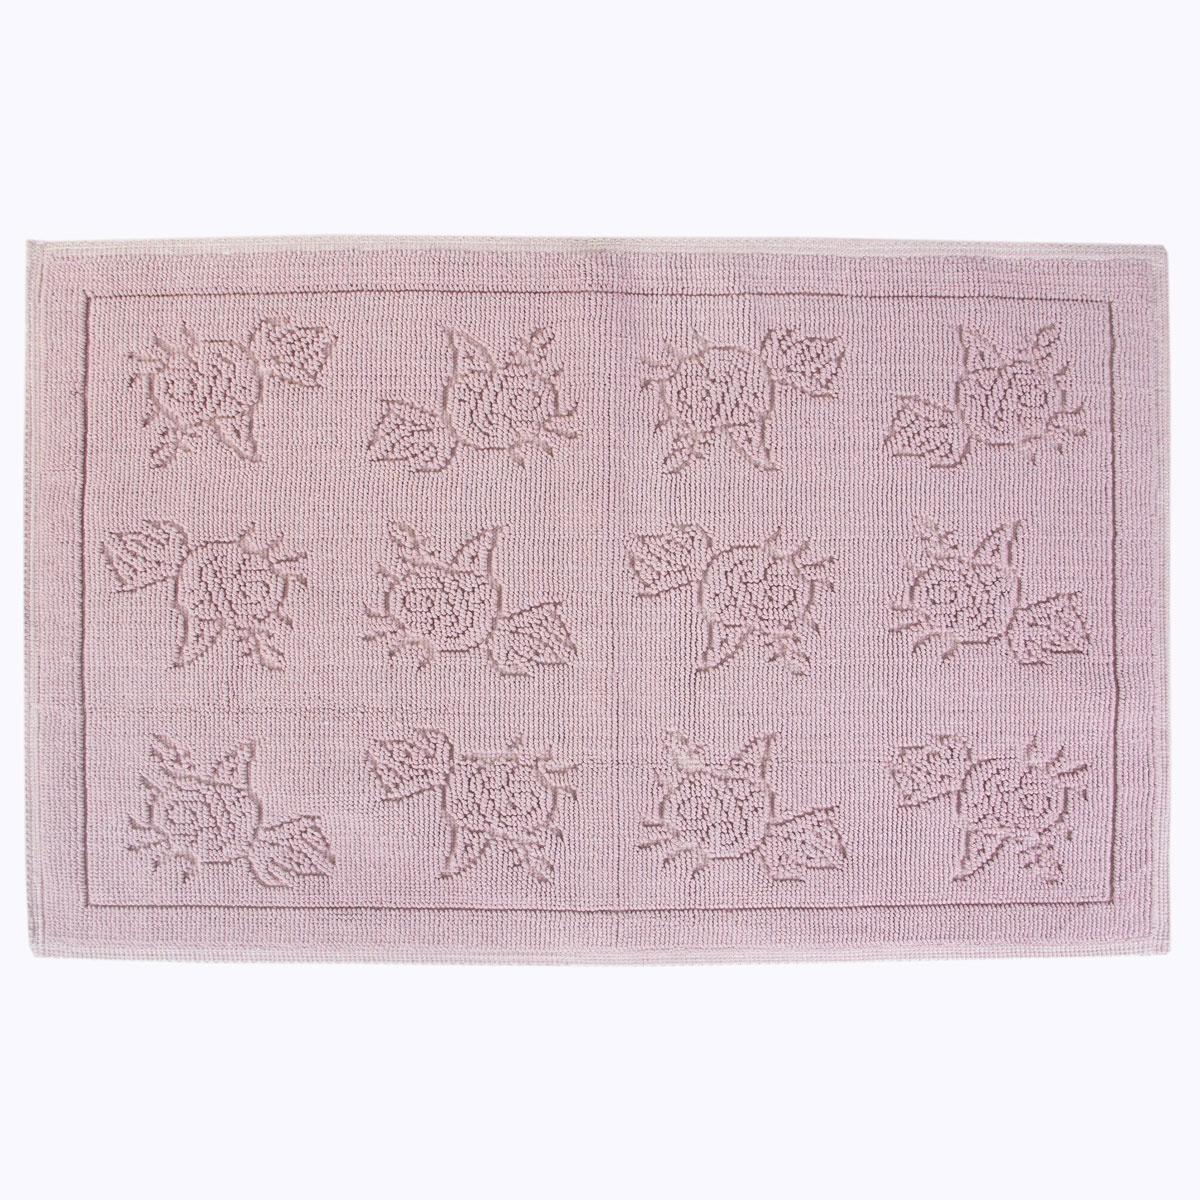 Коврик для ванной Arya home collection Camellia, сиреневый коврик arya 60х100 2 пр assos бирюзовый 1126860